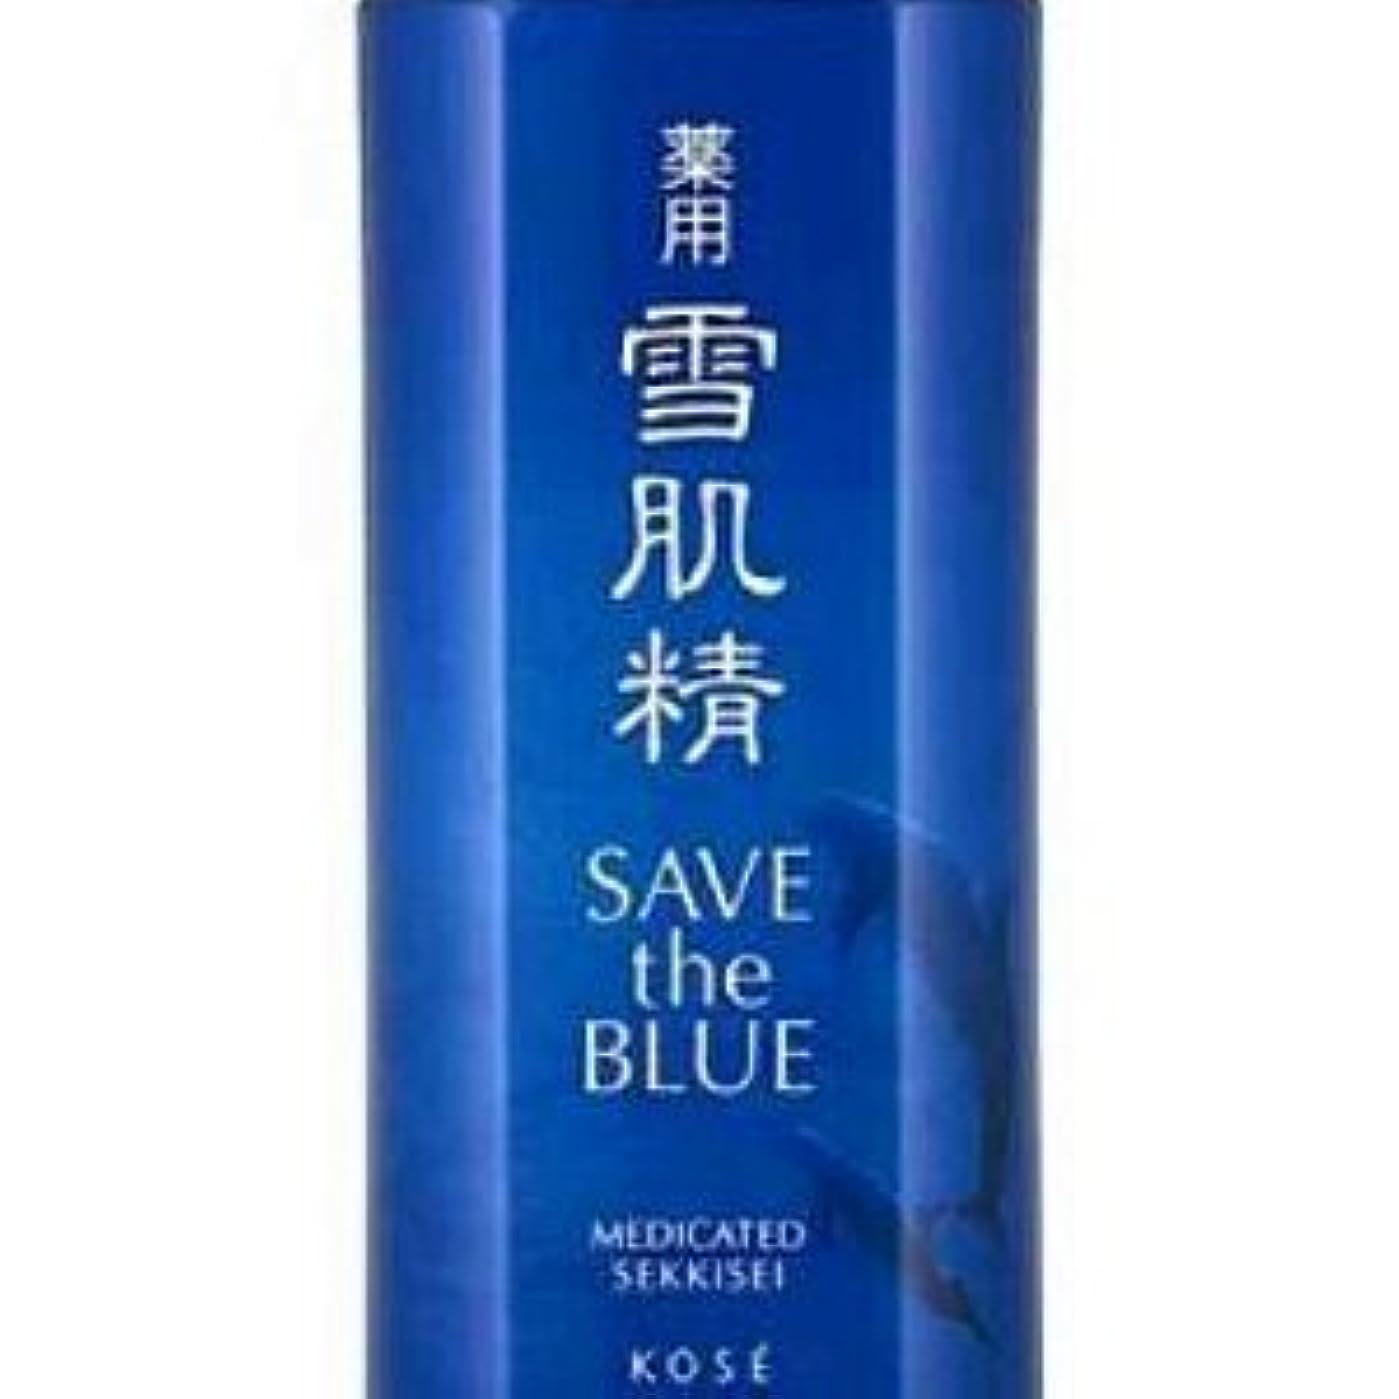 低いビーム二層コーセー 薬用雪肌精 化粧水 ディスペンサー付限定ボトル 500ml アウトレット